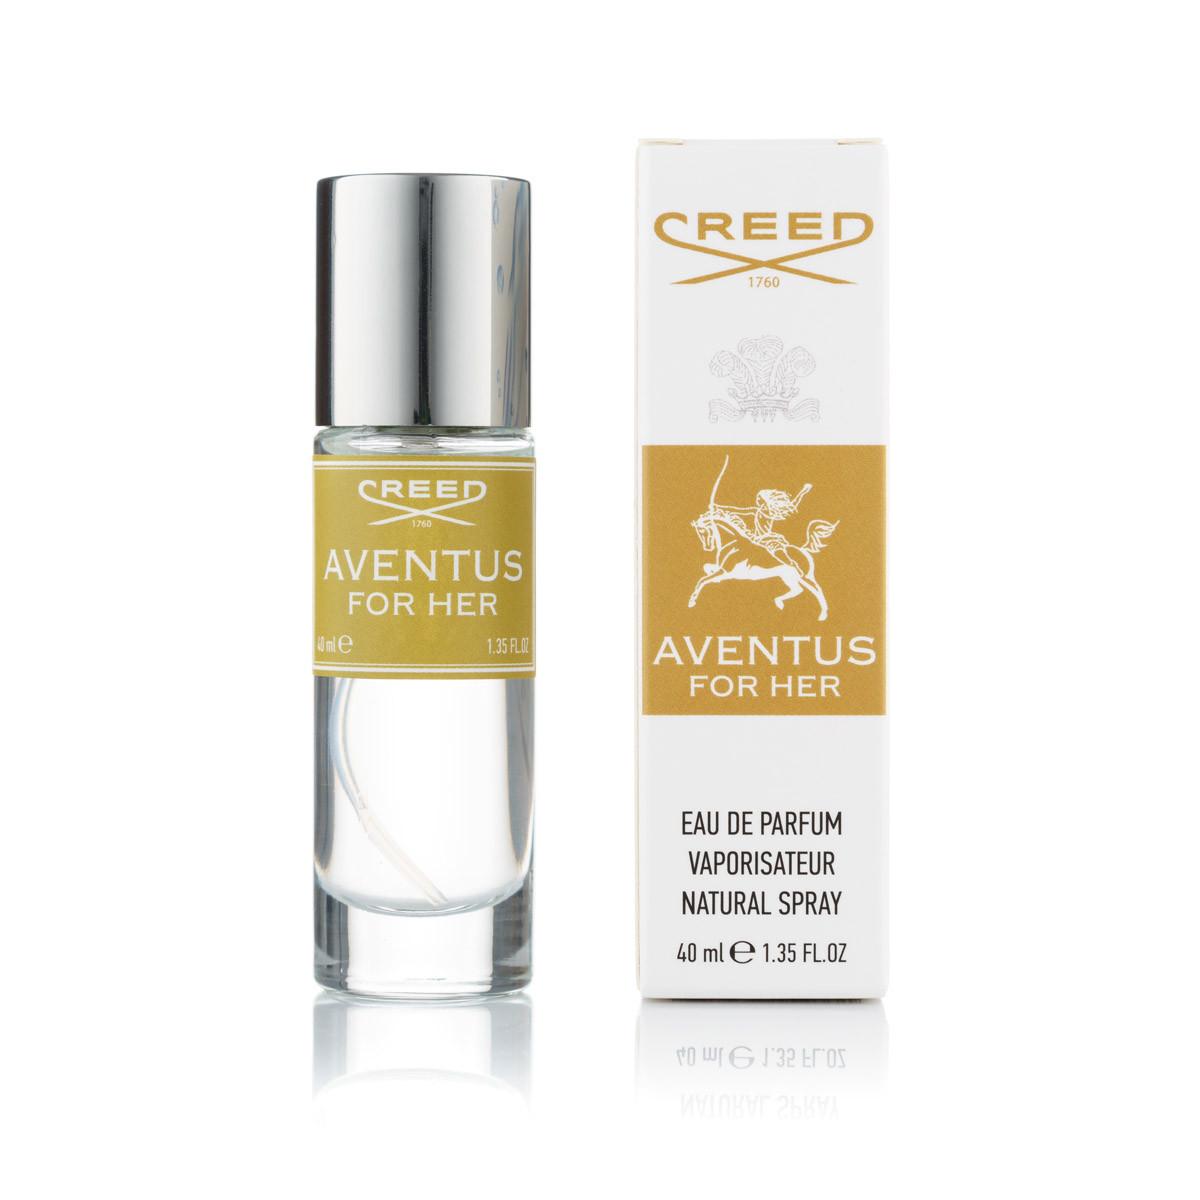 40 мл мини парфюм Creed Aventus for Her  - Ж (320)